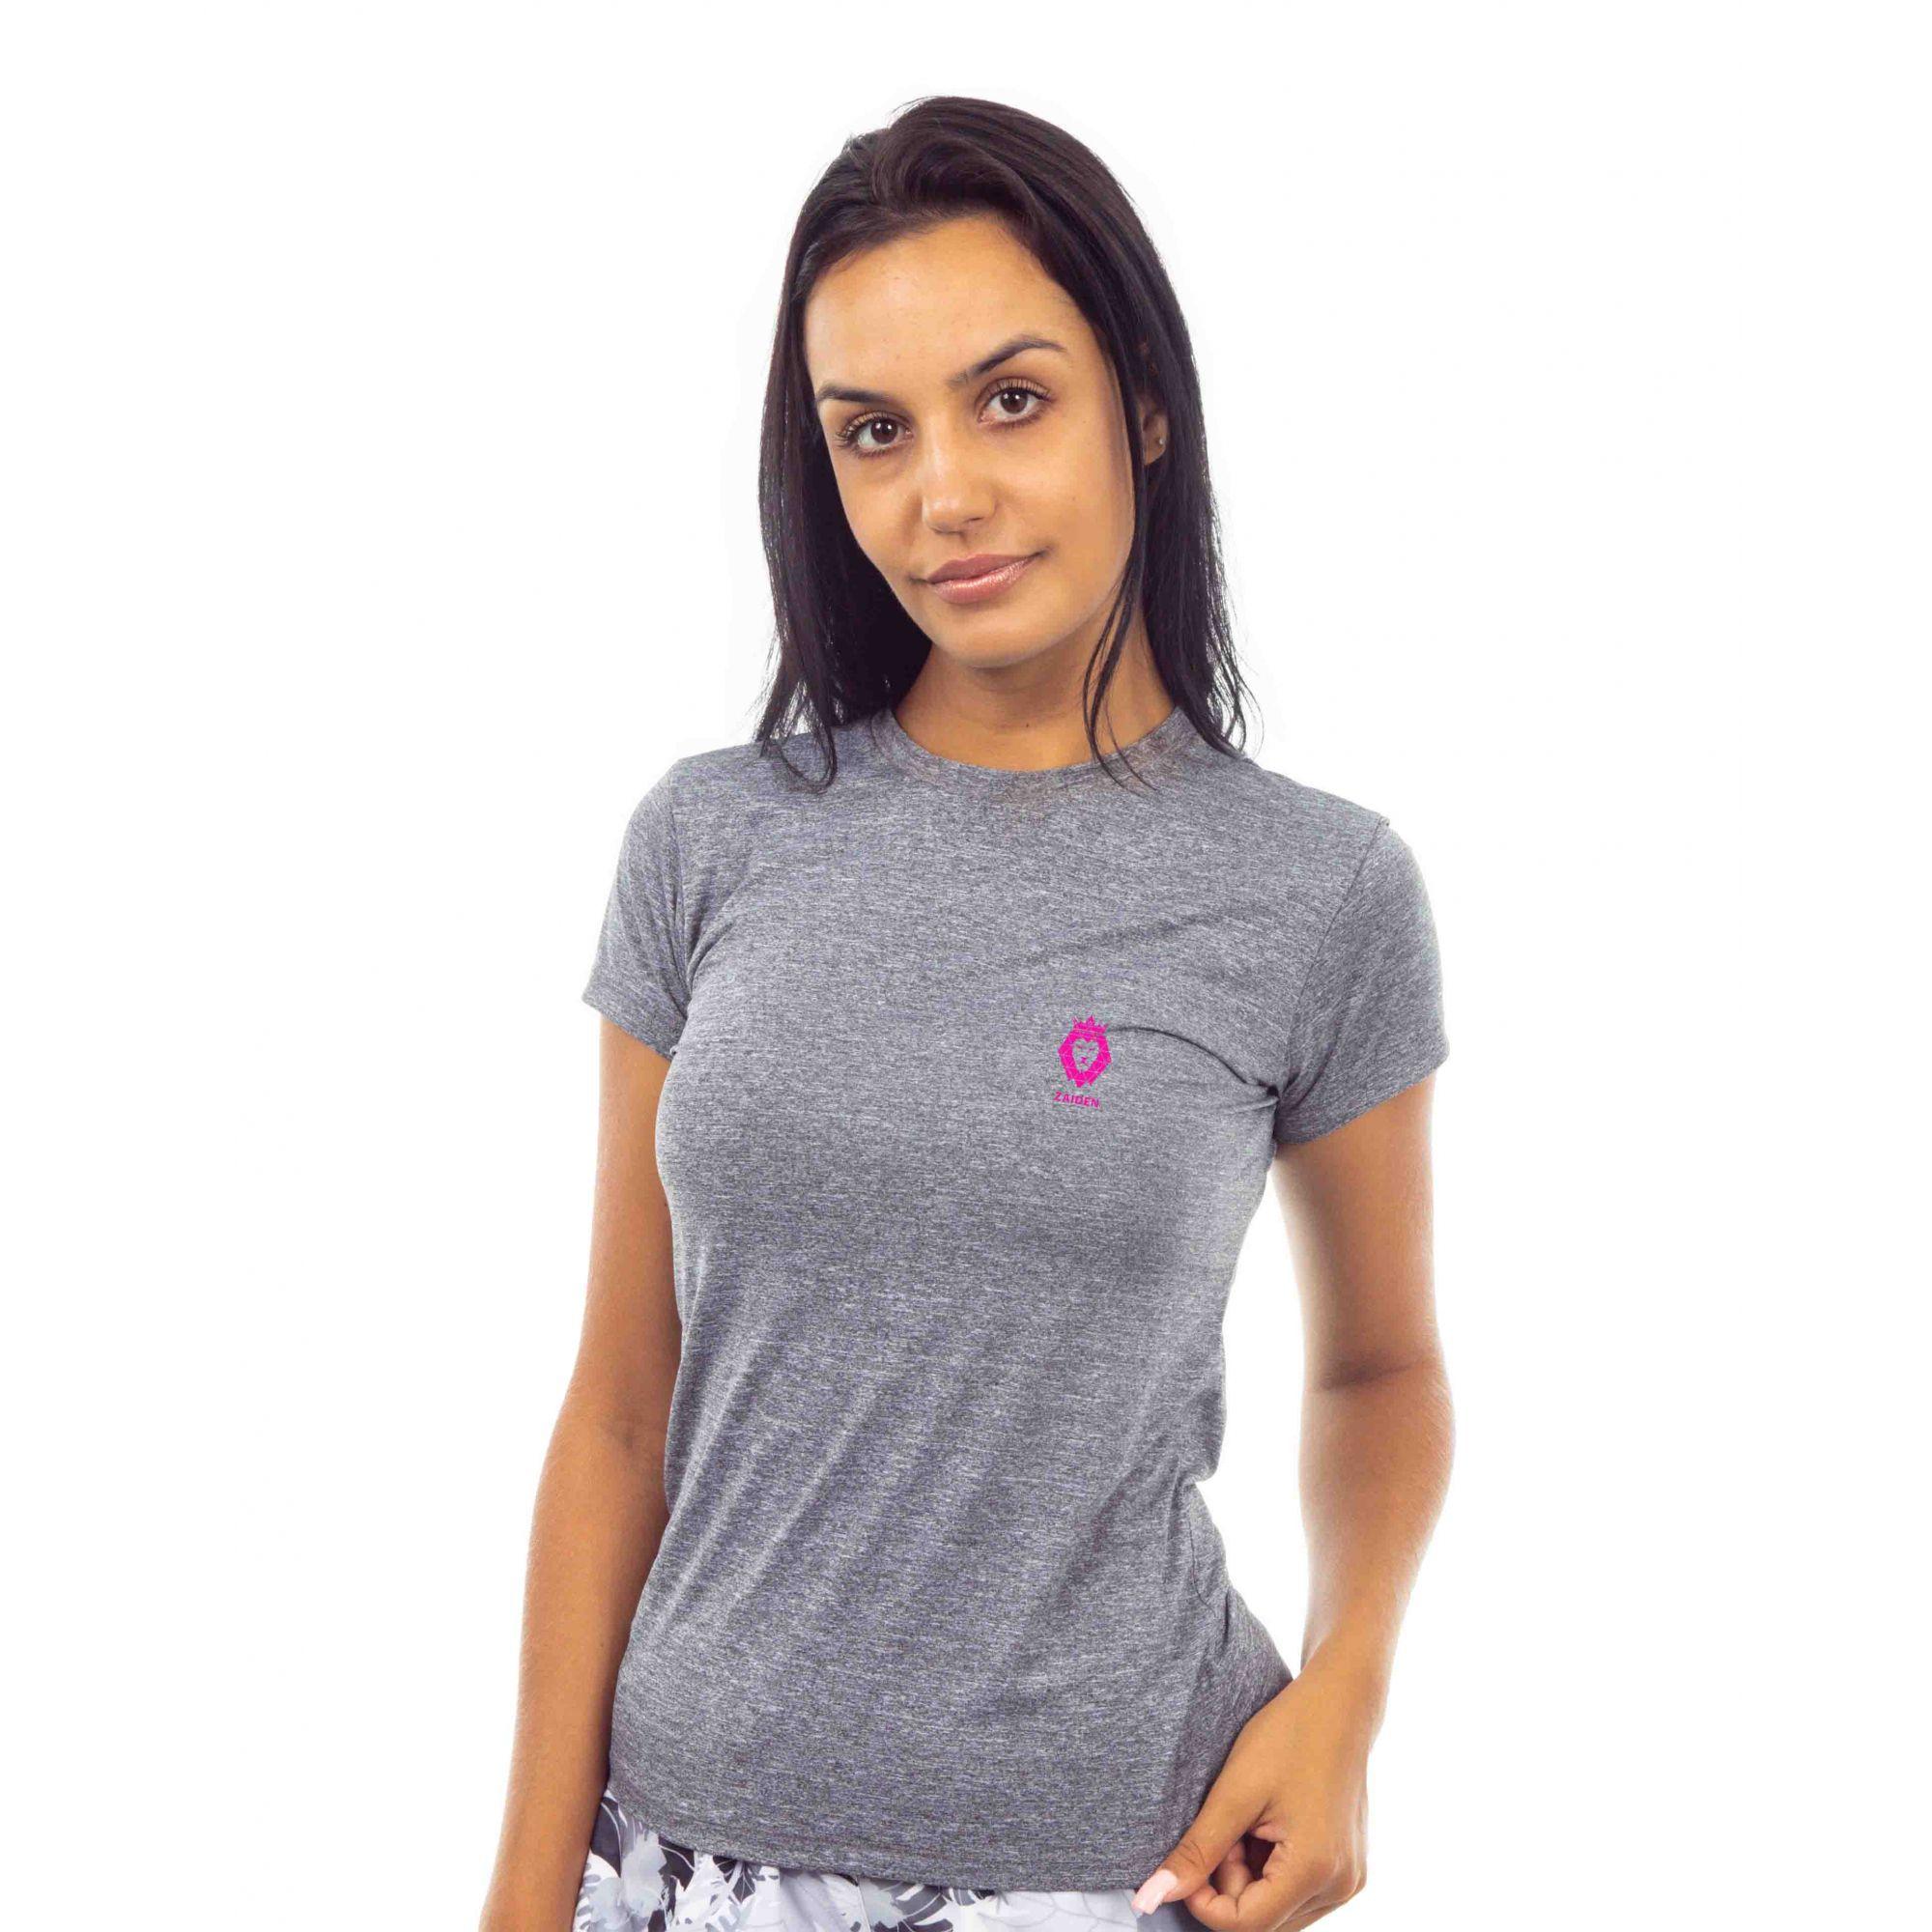 Camiseta Feminina Poliamida Zaiden Oxy Mescla Cinza Leão Pink